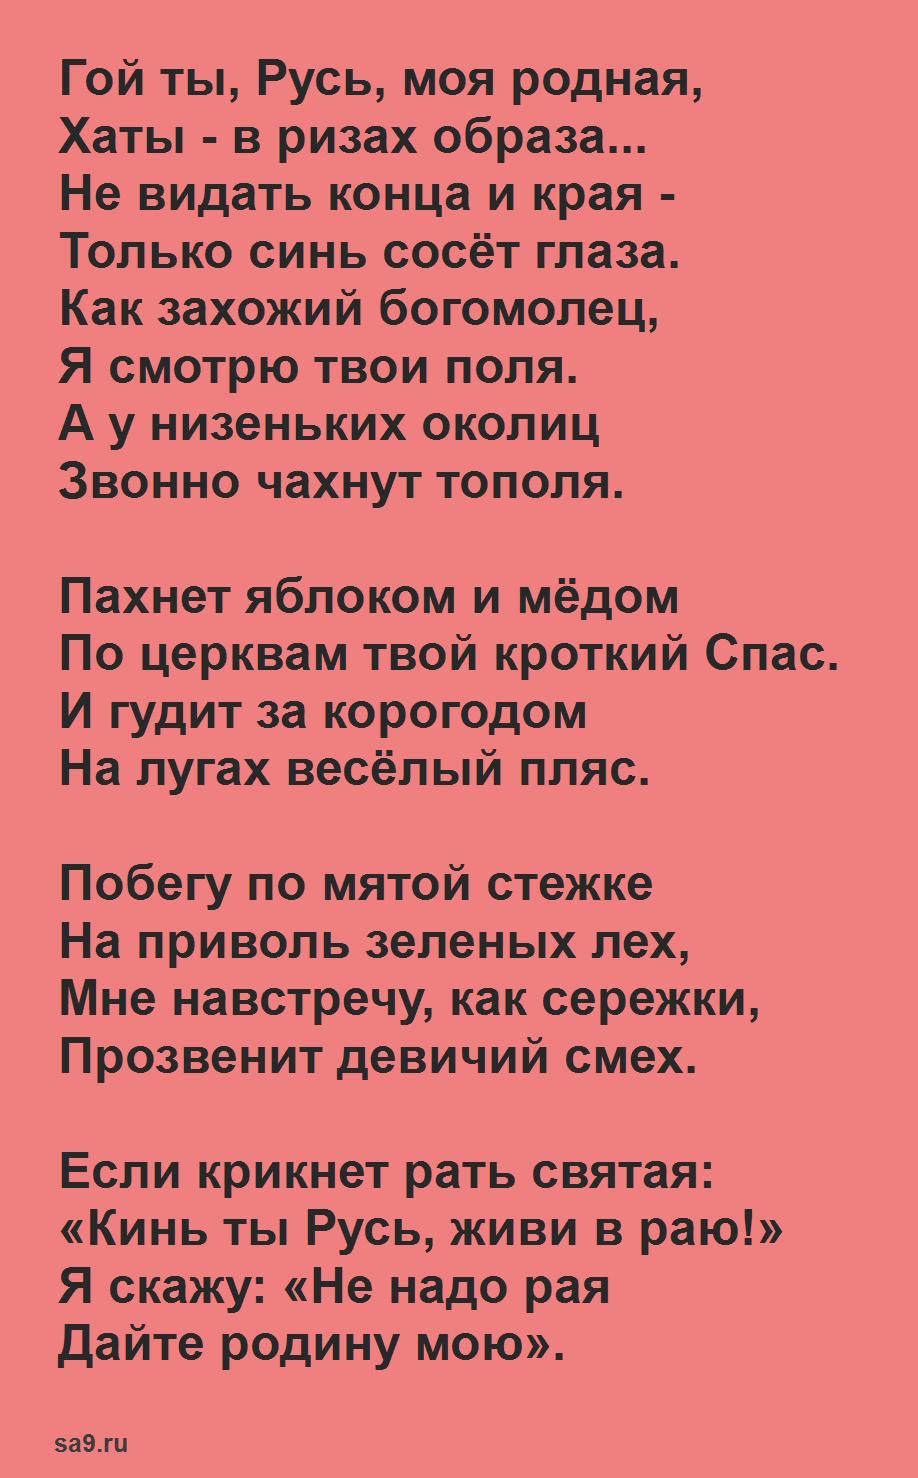 Стихи о Родине для детей - Гой ты, Русь, моя родная, Есенин